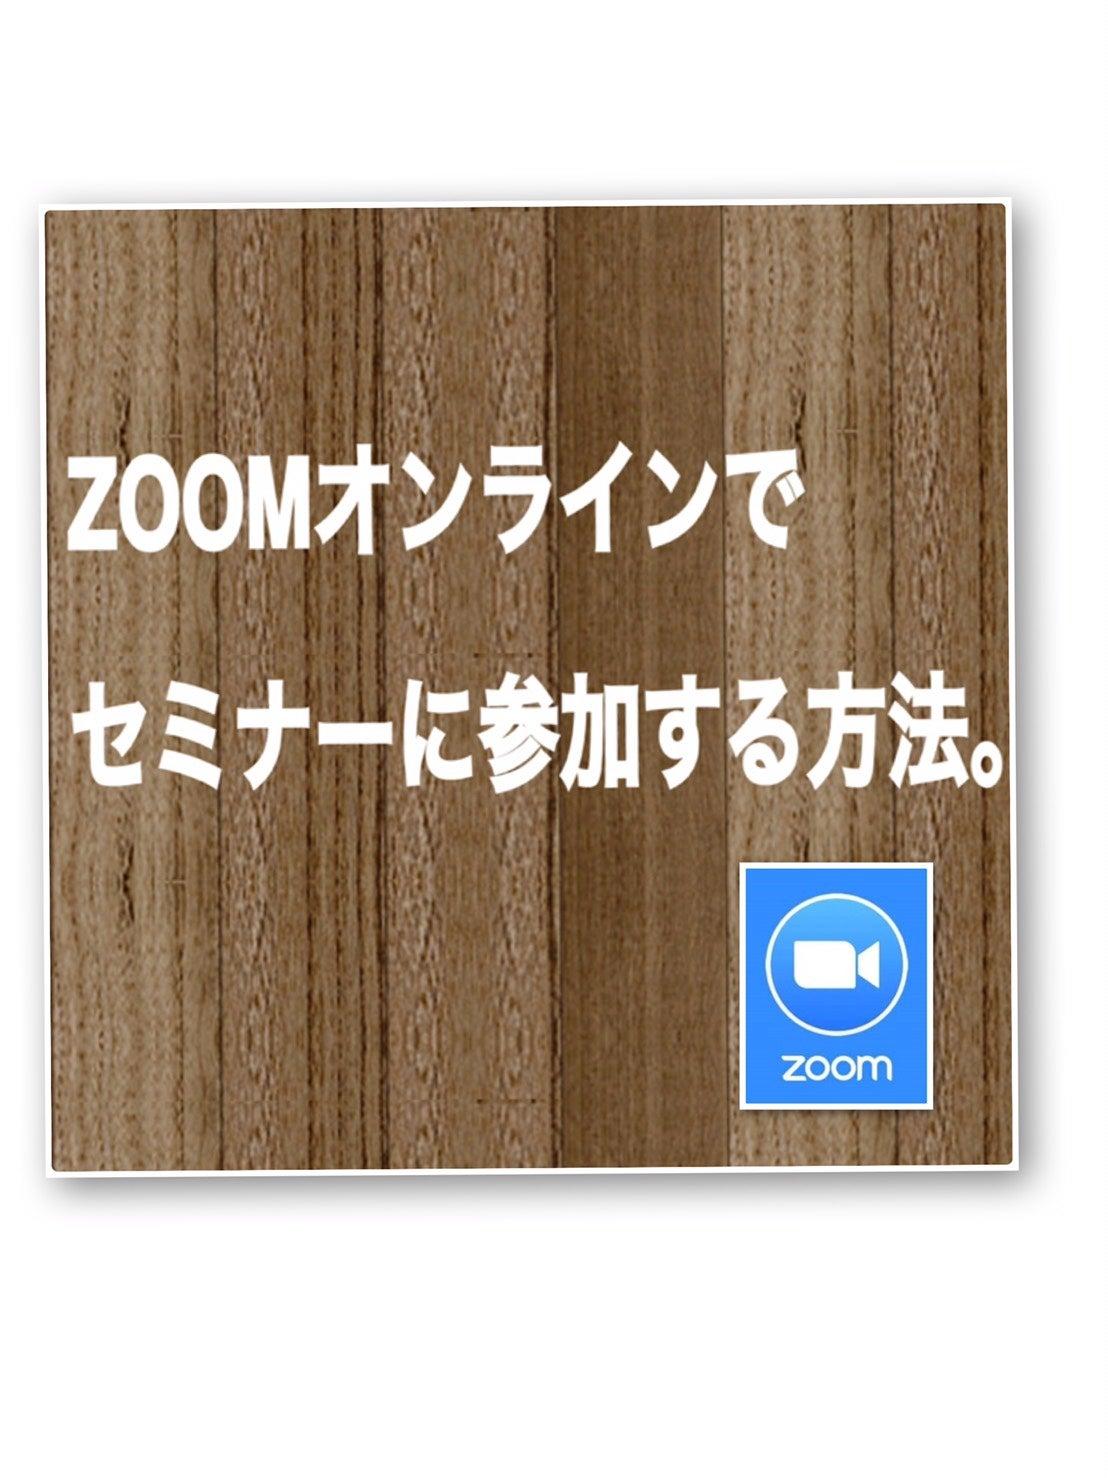 の 仕方 zoom 参加 の